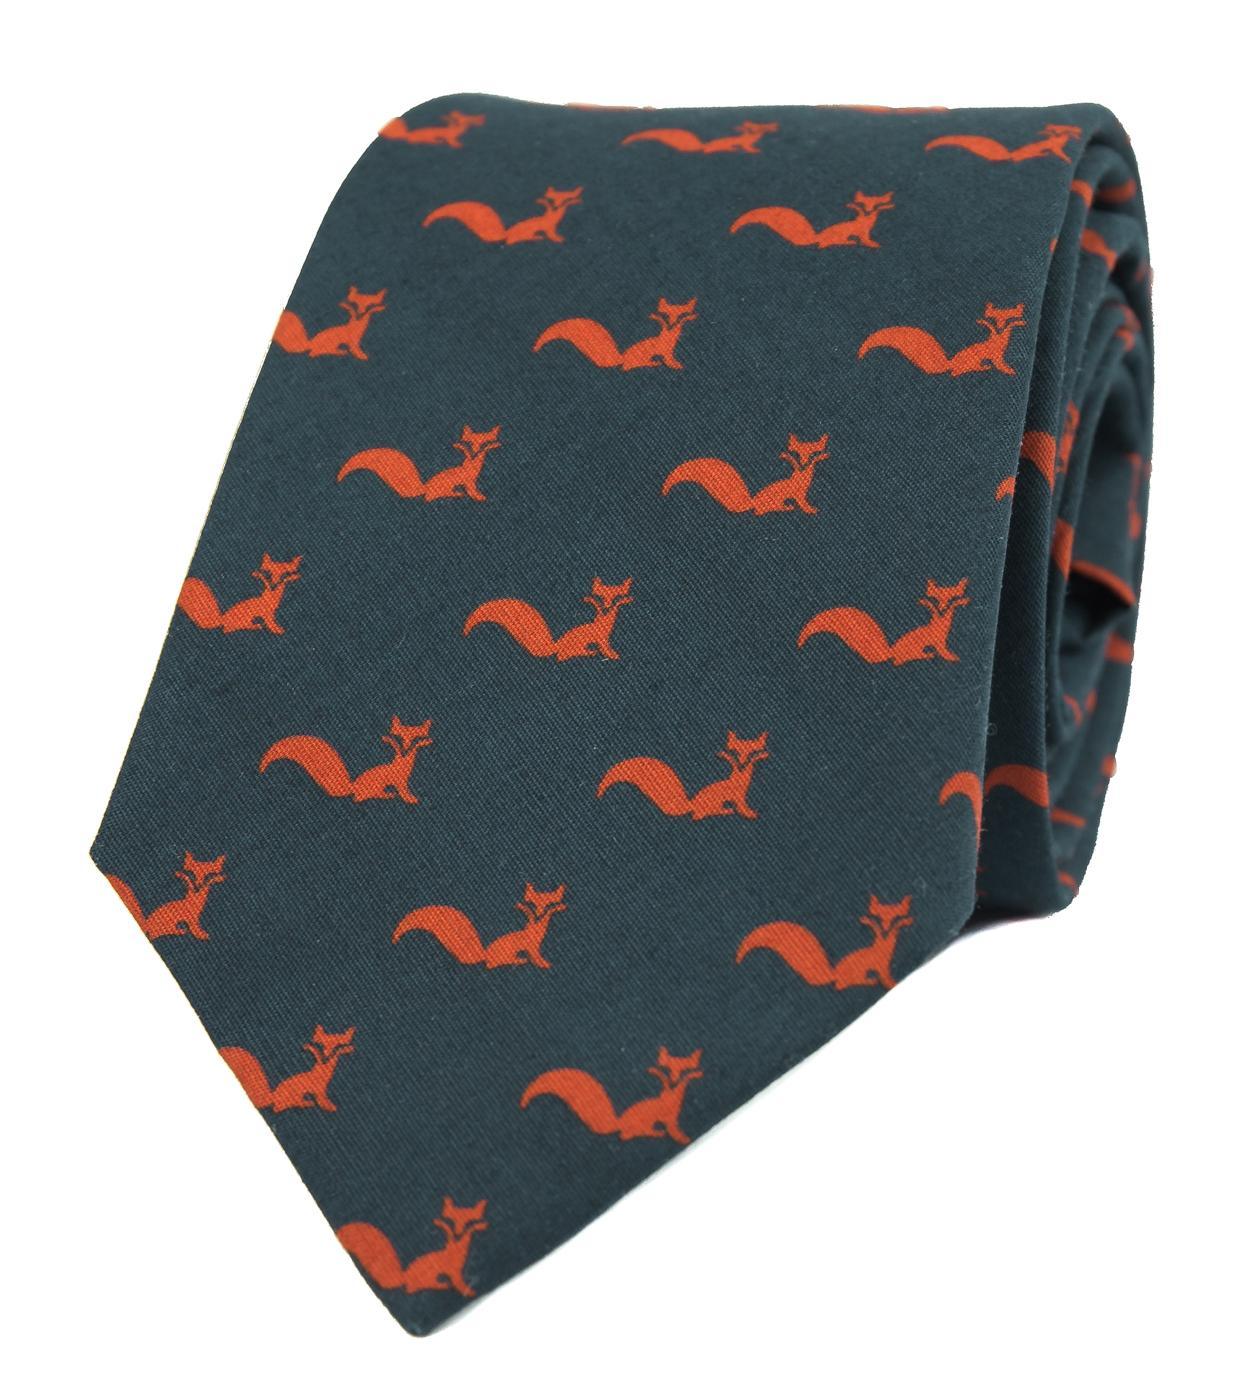 Kravata s liškami - Obrázok č. 1